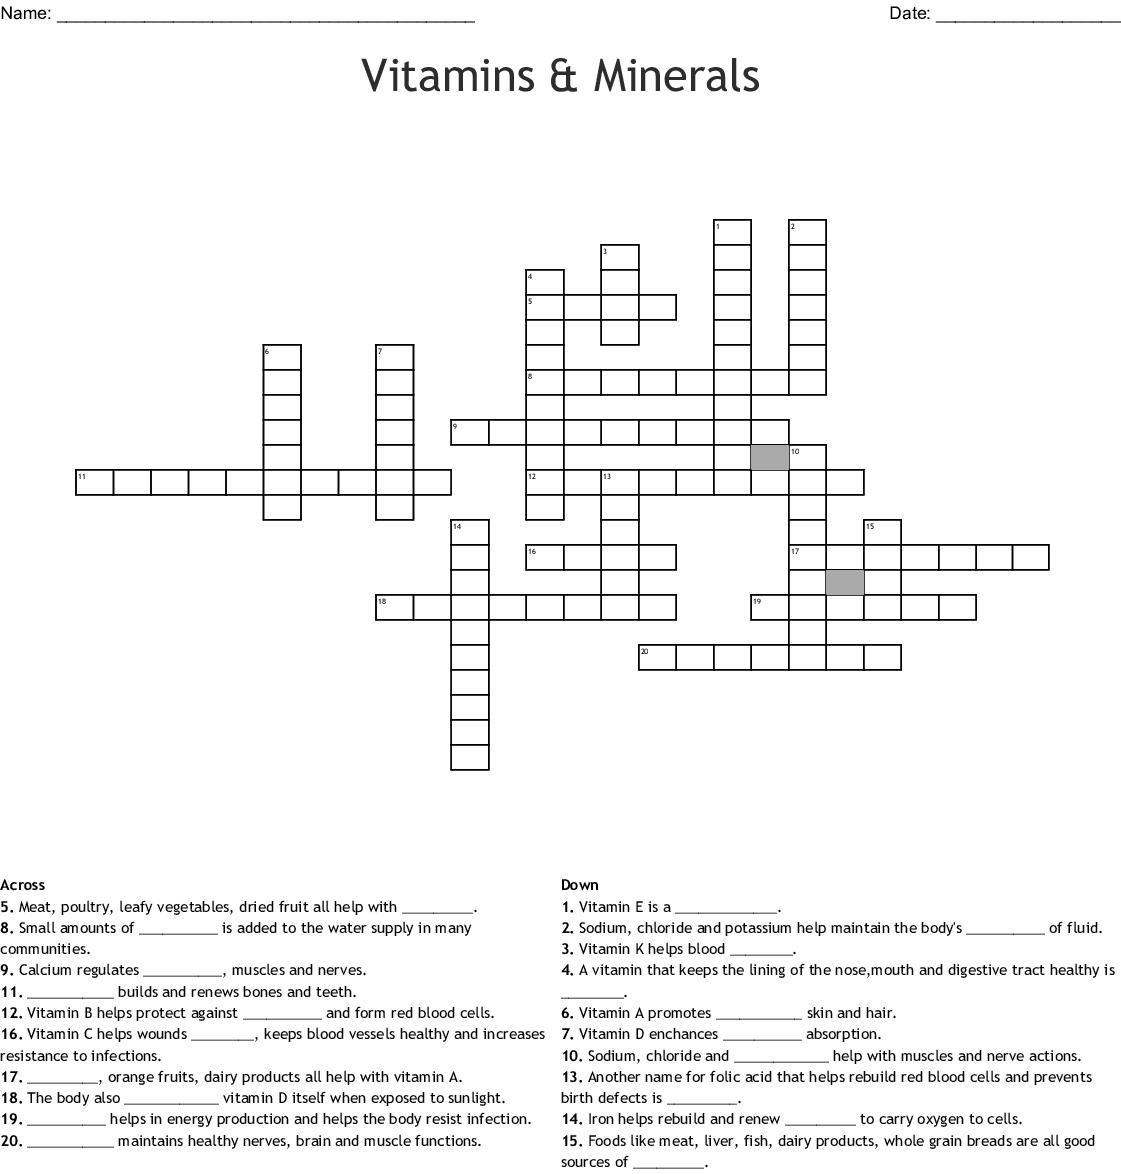 Vitamins & Minerals Crossword - WordMint